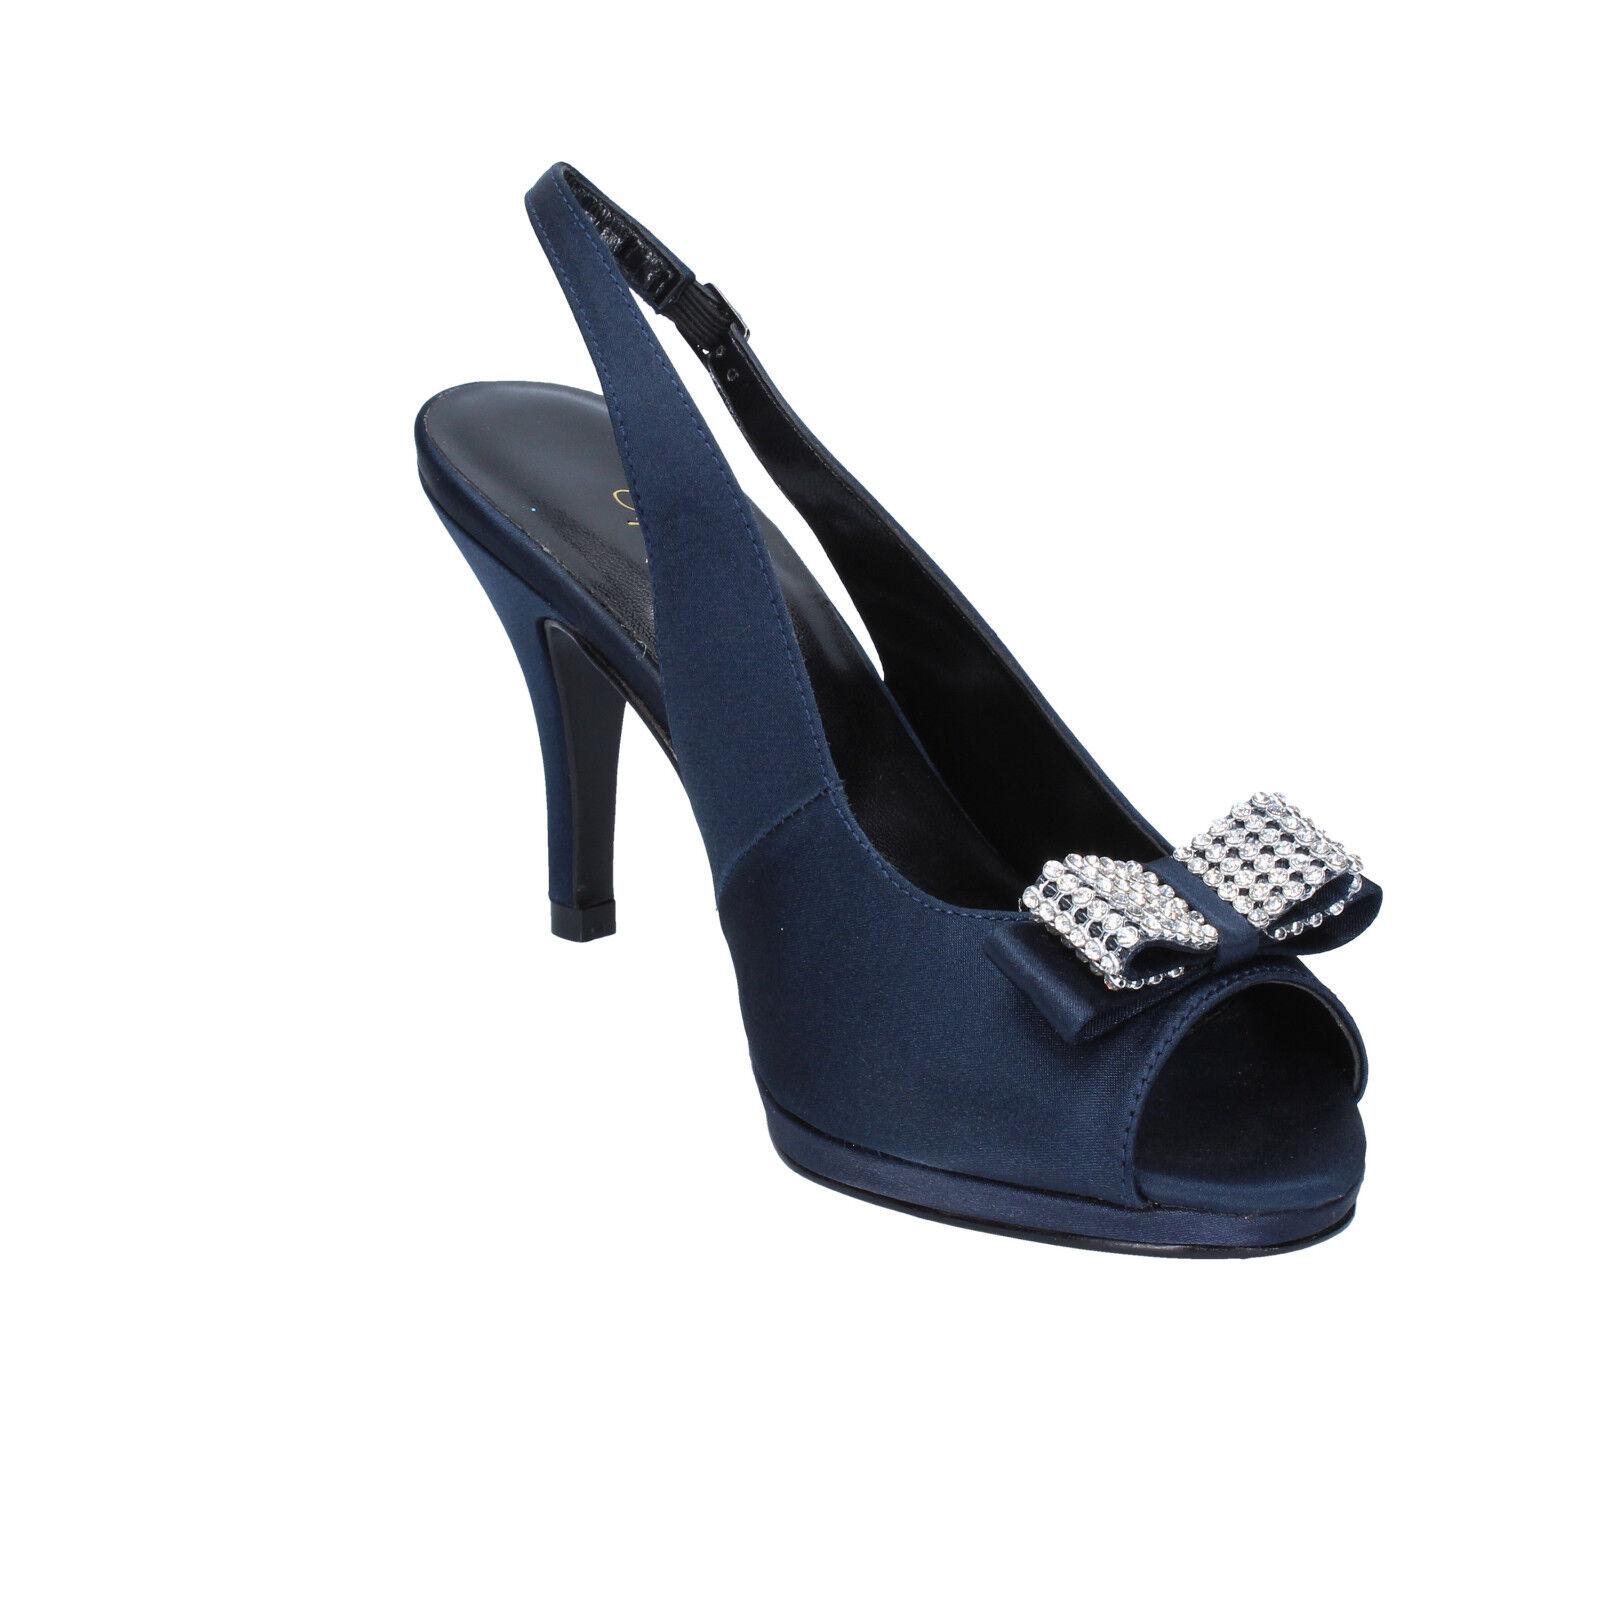 Scarpe blu donna TOP Donna 37 EU decolte blu Scarpe raso AM860-E 439aef